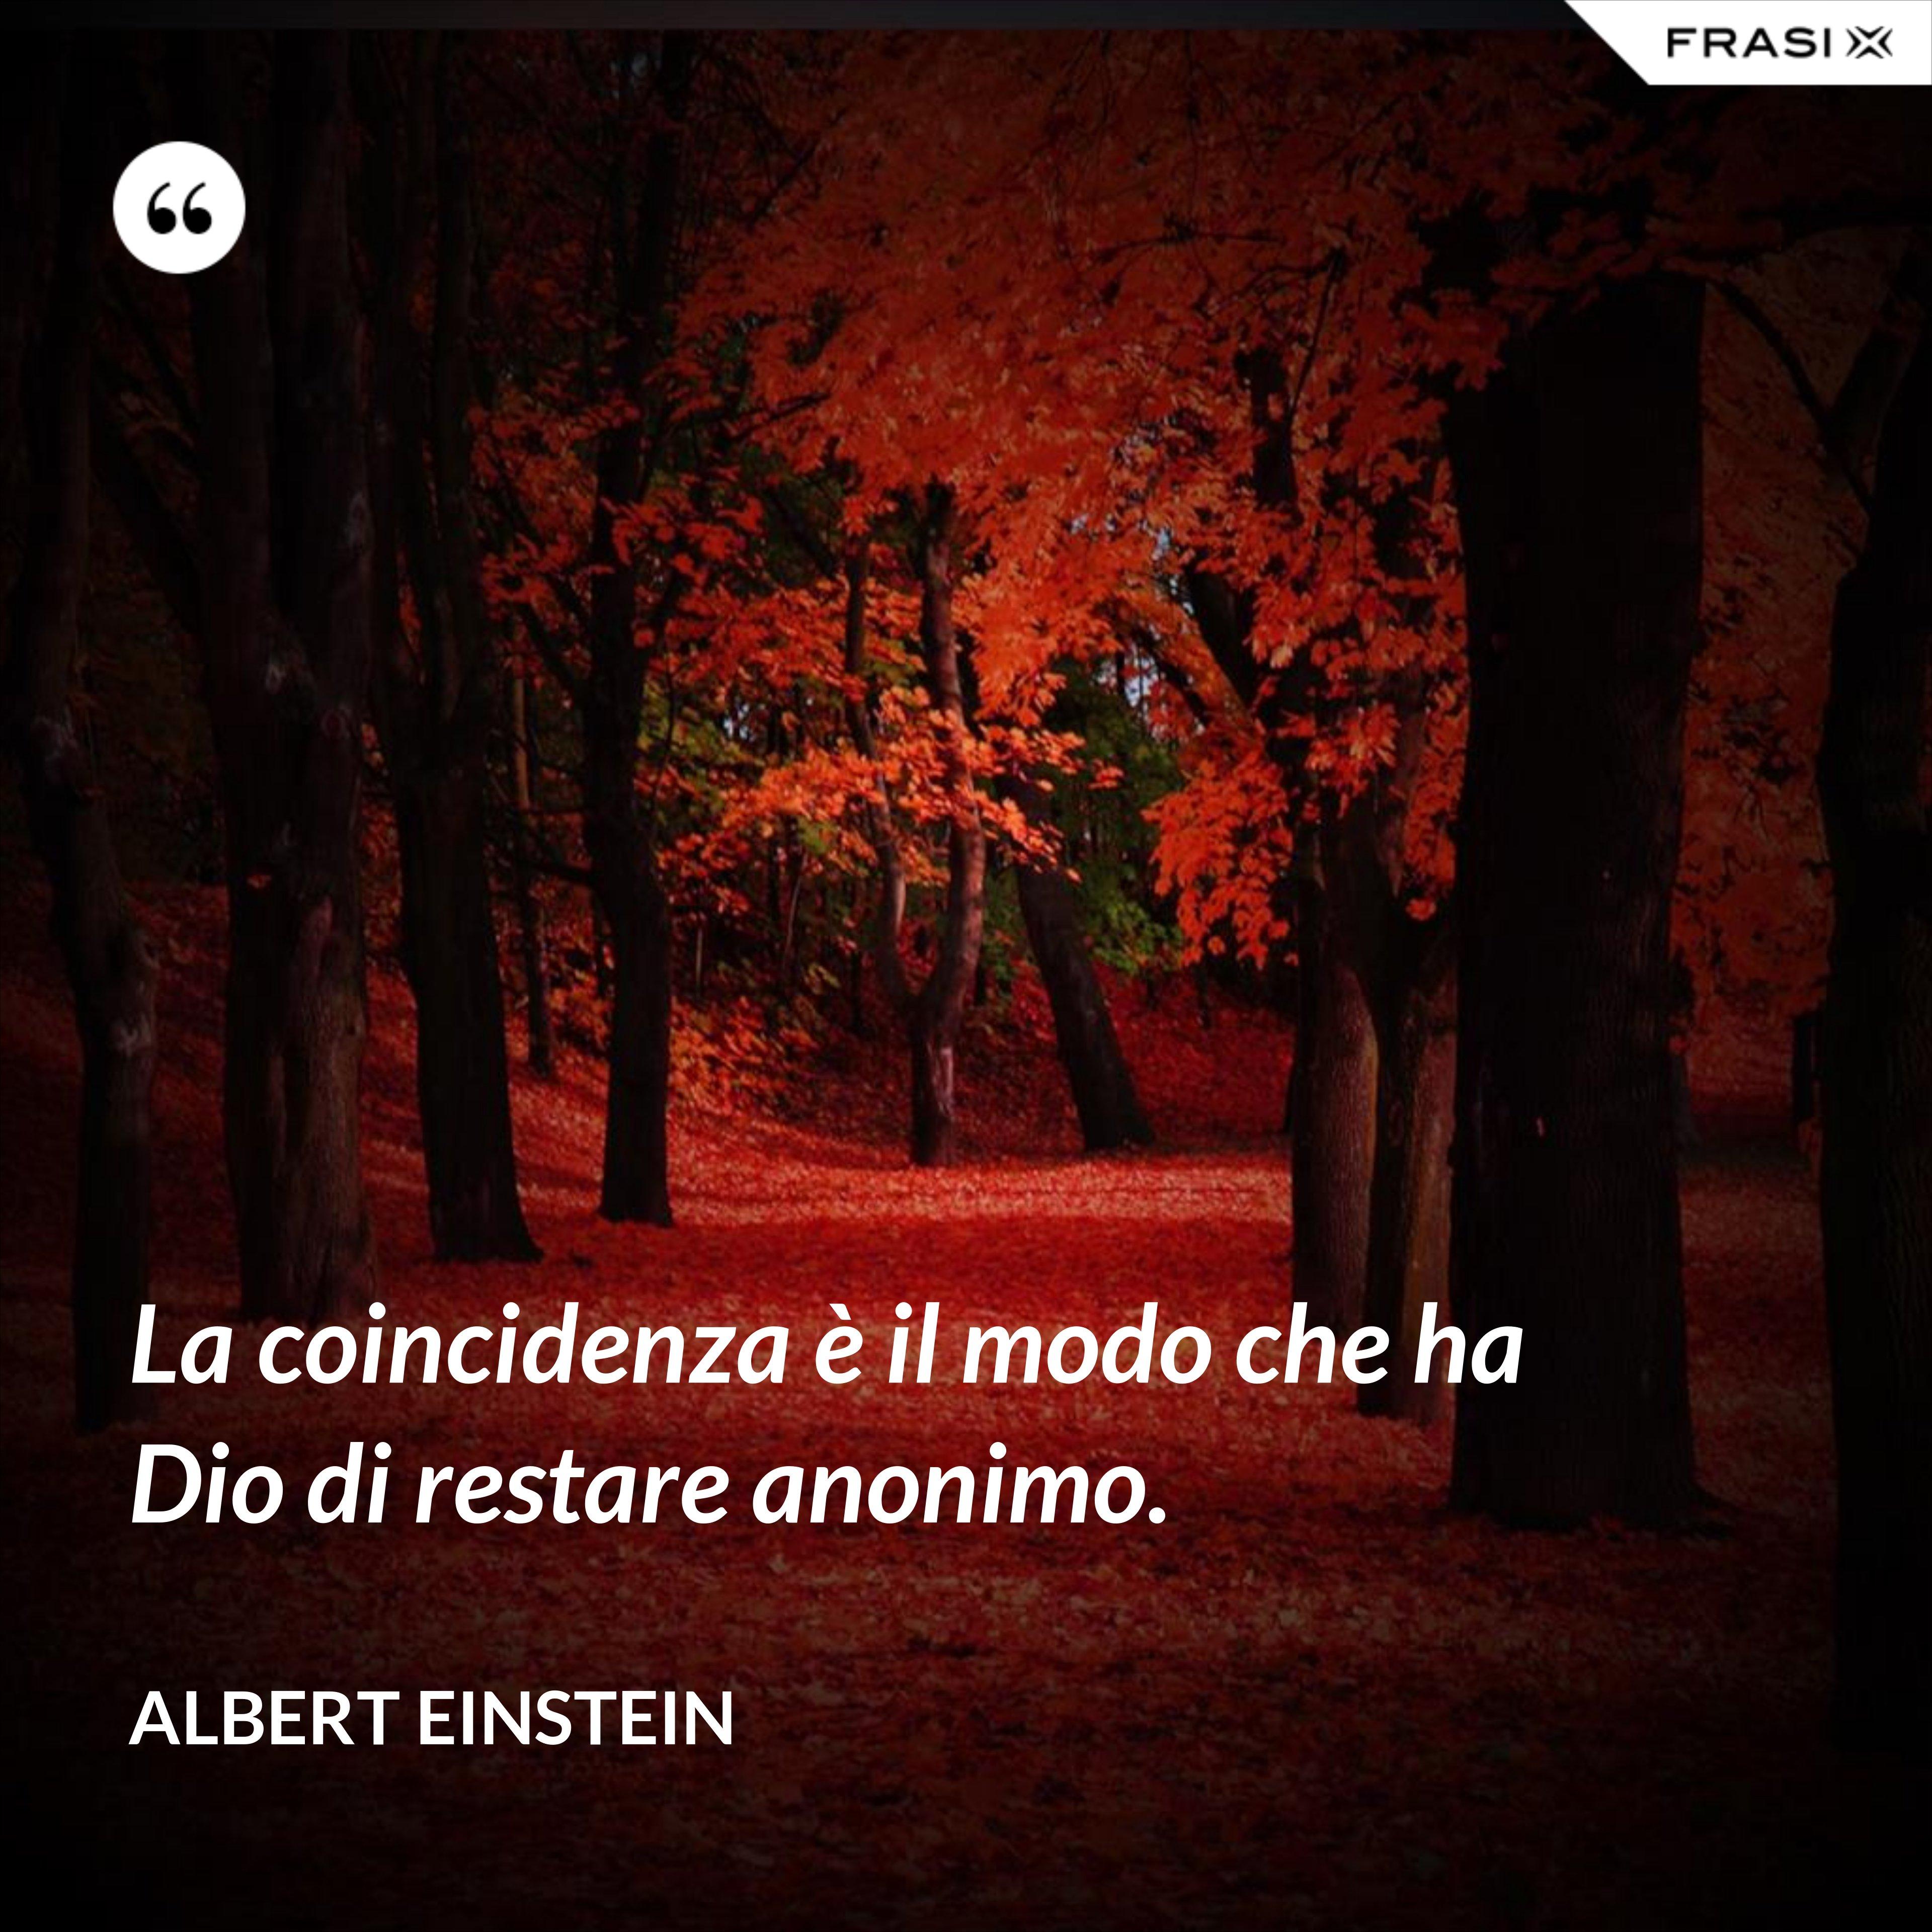 La coincidenza è il modo che ha Dio di restare anonimo. - Albert Einstein